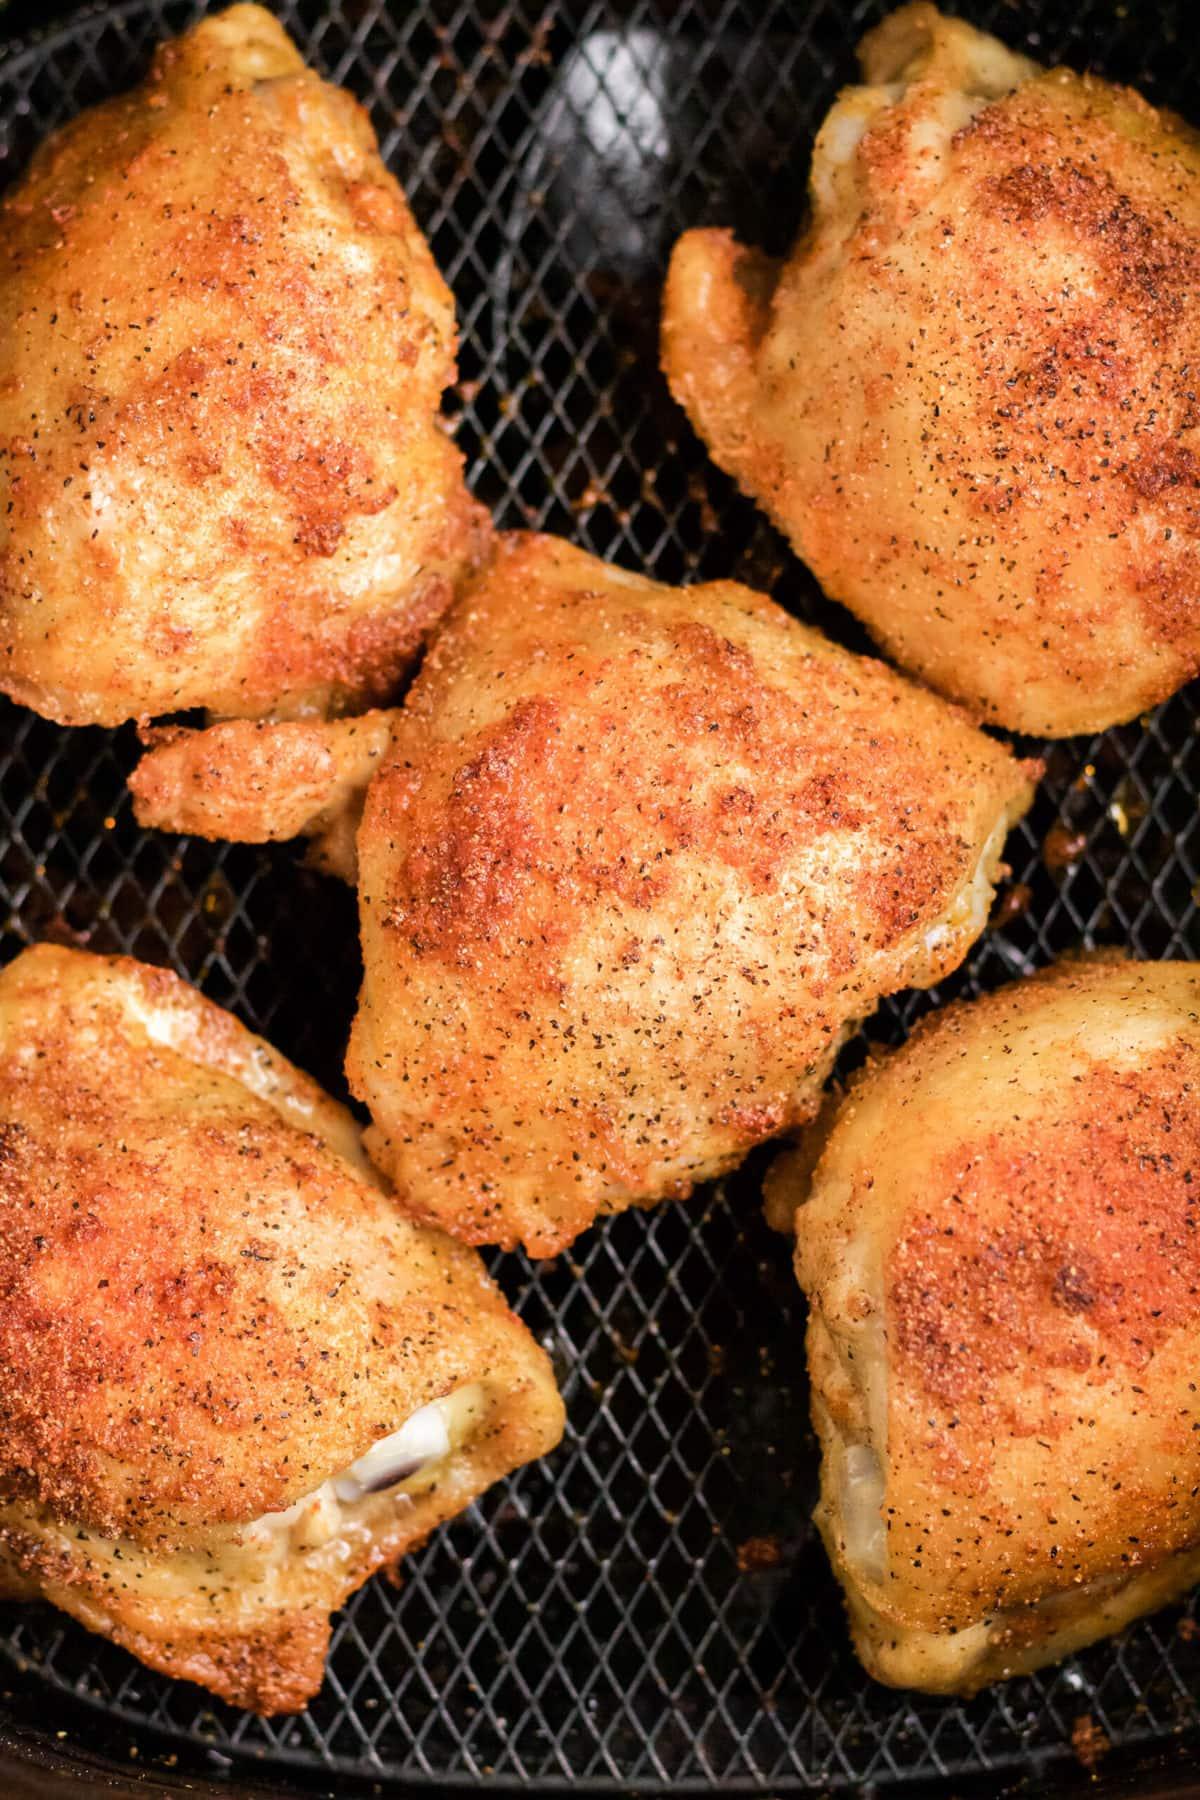 chicken thighs with crispy skin in air fryer basket